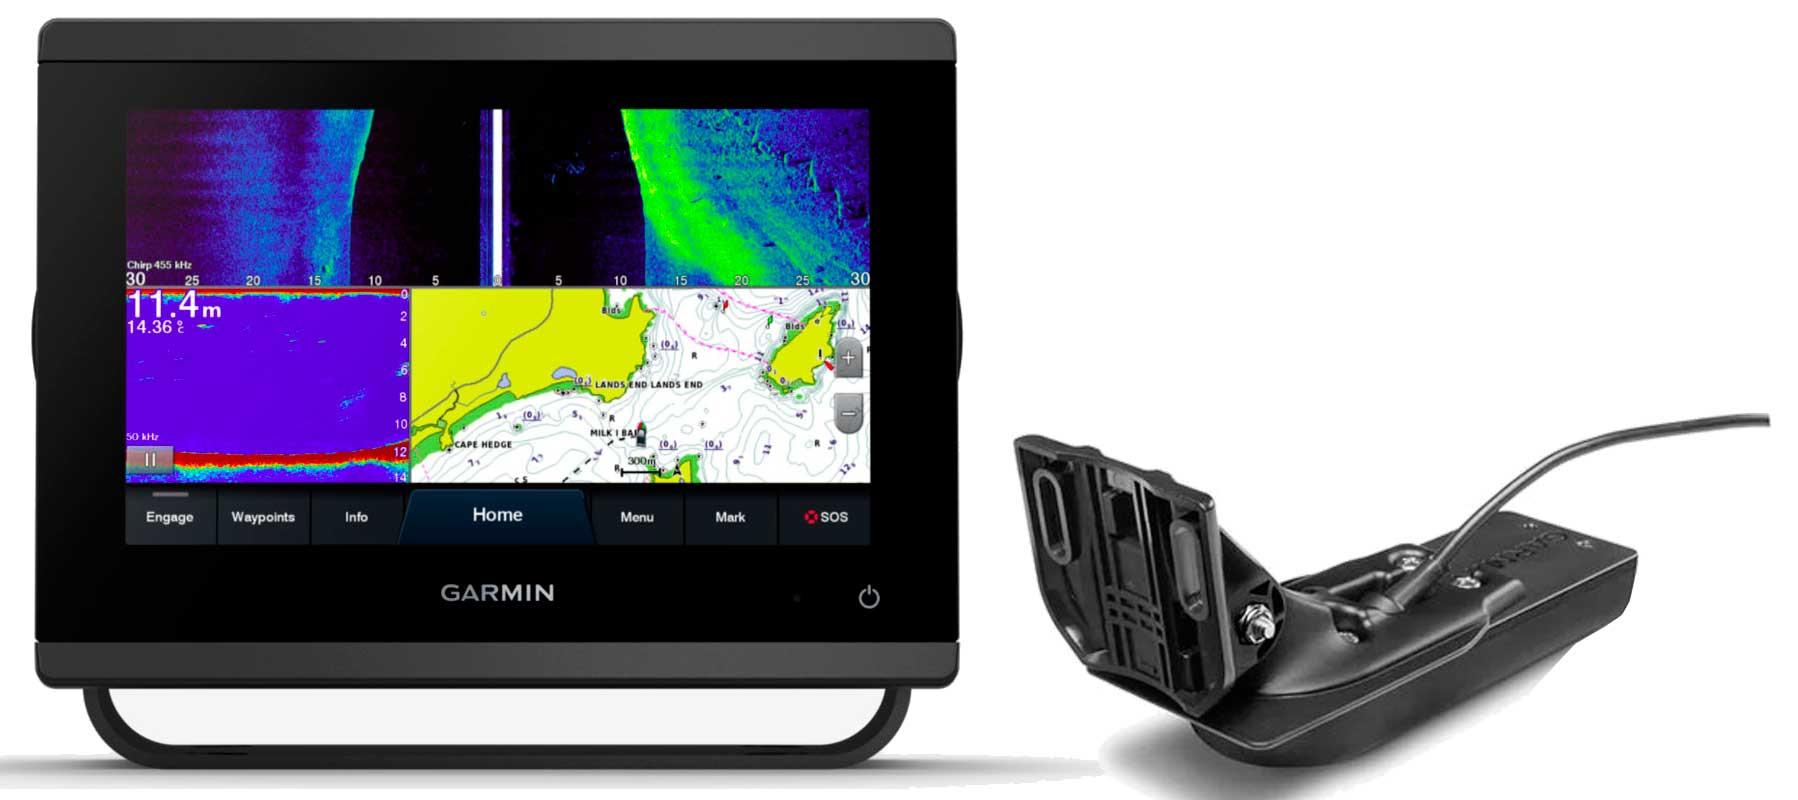 Garmin GPSmap 723xsv med GT56UHD-TM transducer